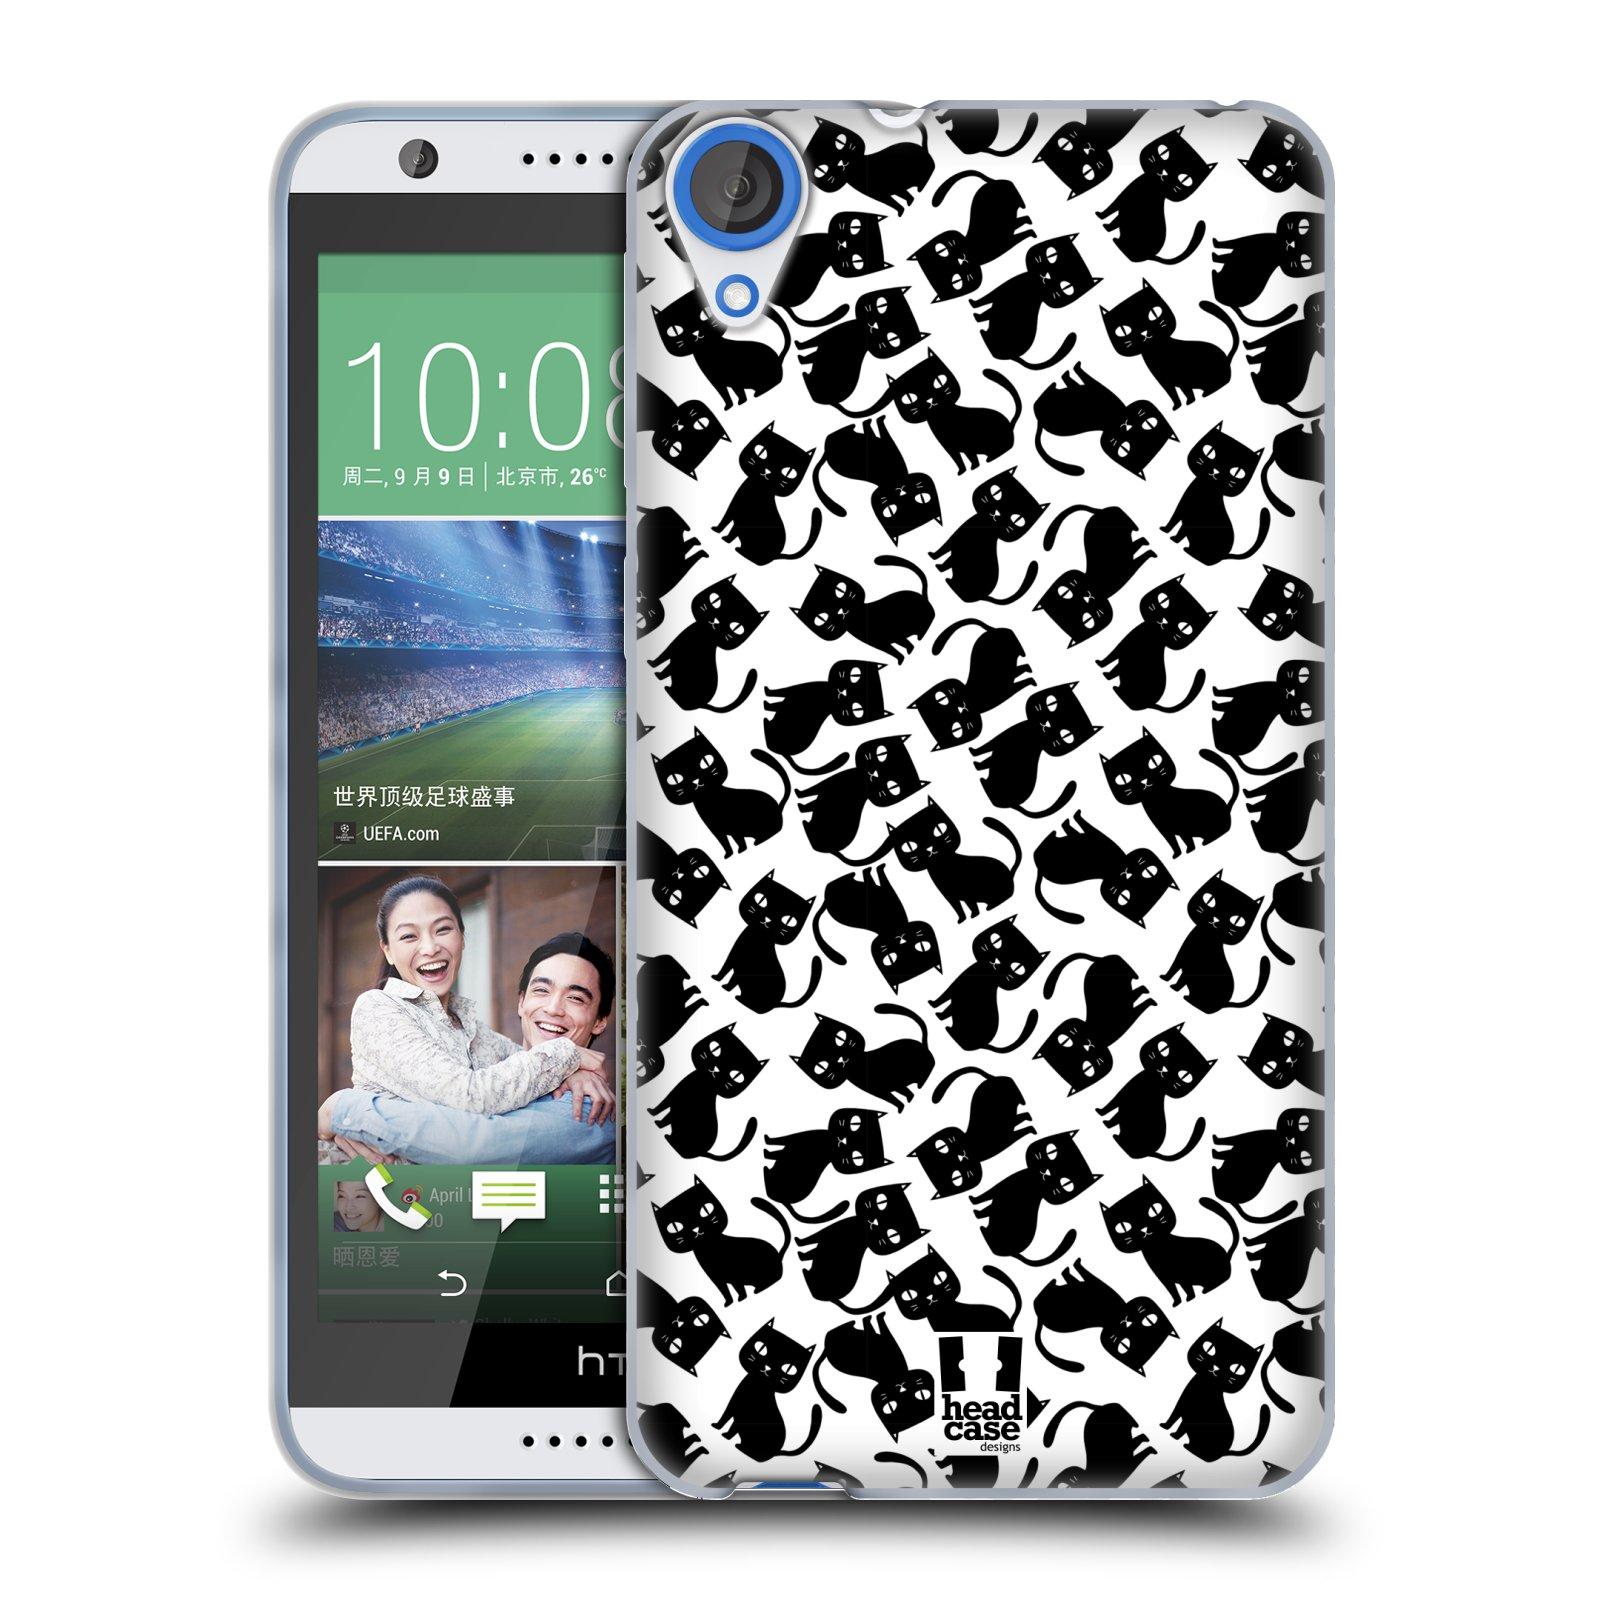 Silikonové pouzdro na mobil HTC Desire 820 HEAD CASE KOČKY Black Pattern (Silikonový kryt či obal na mobilní telefon HTC Desire 820)